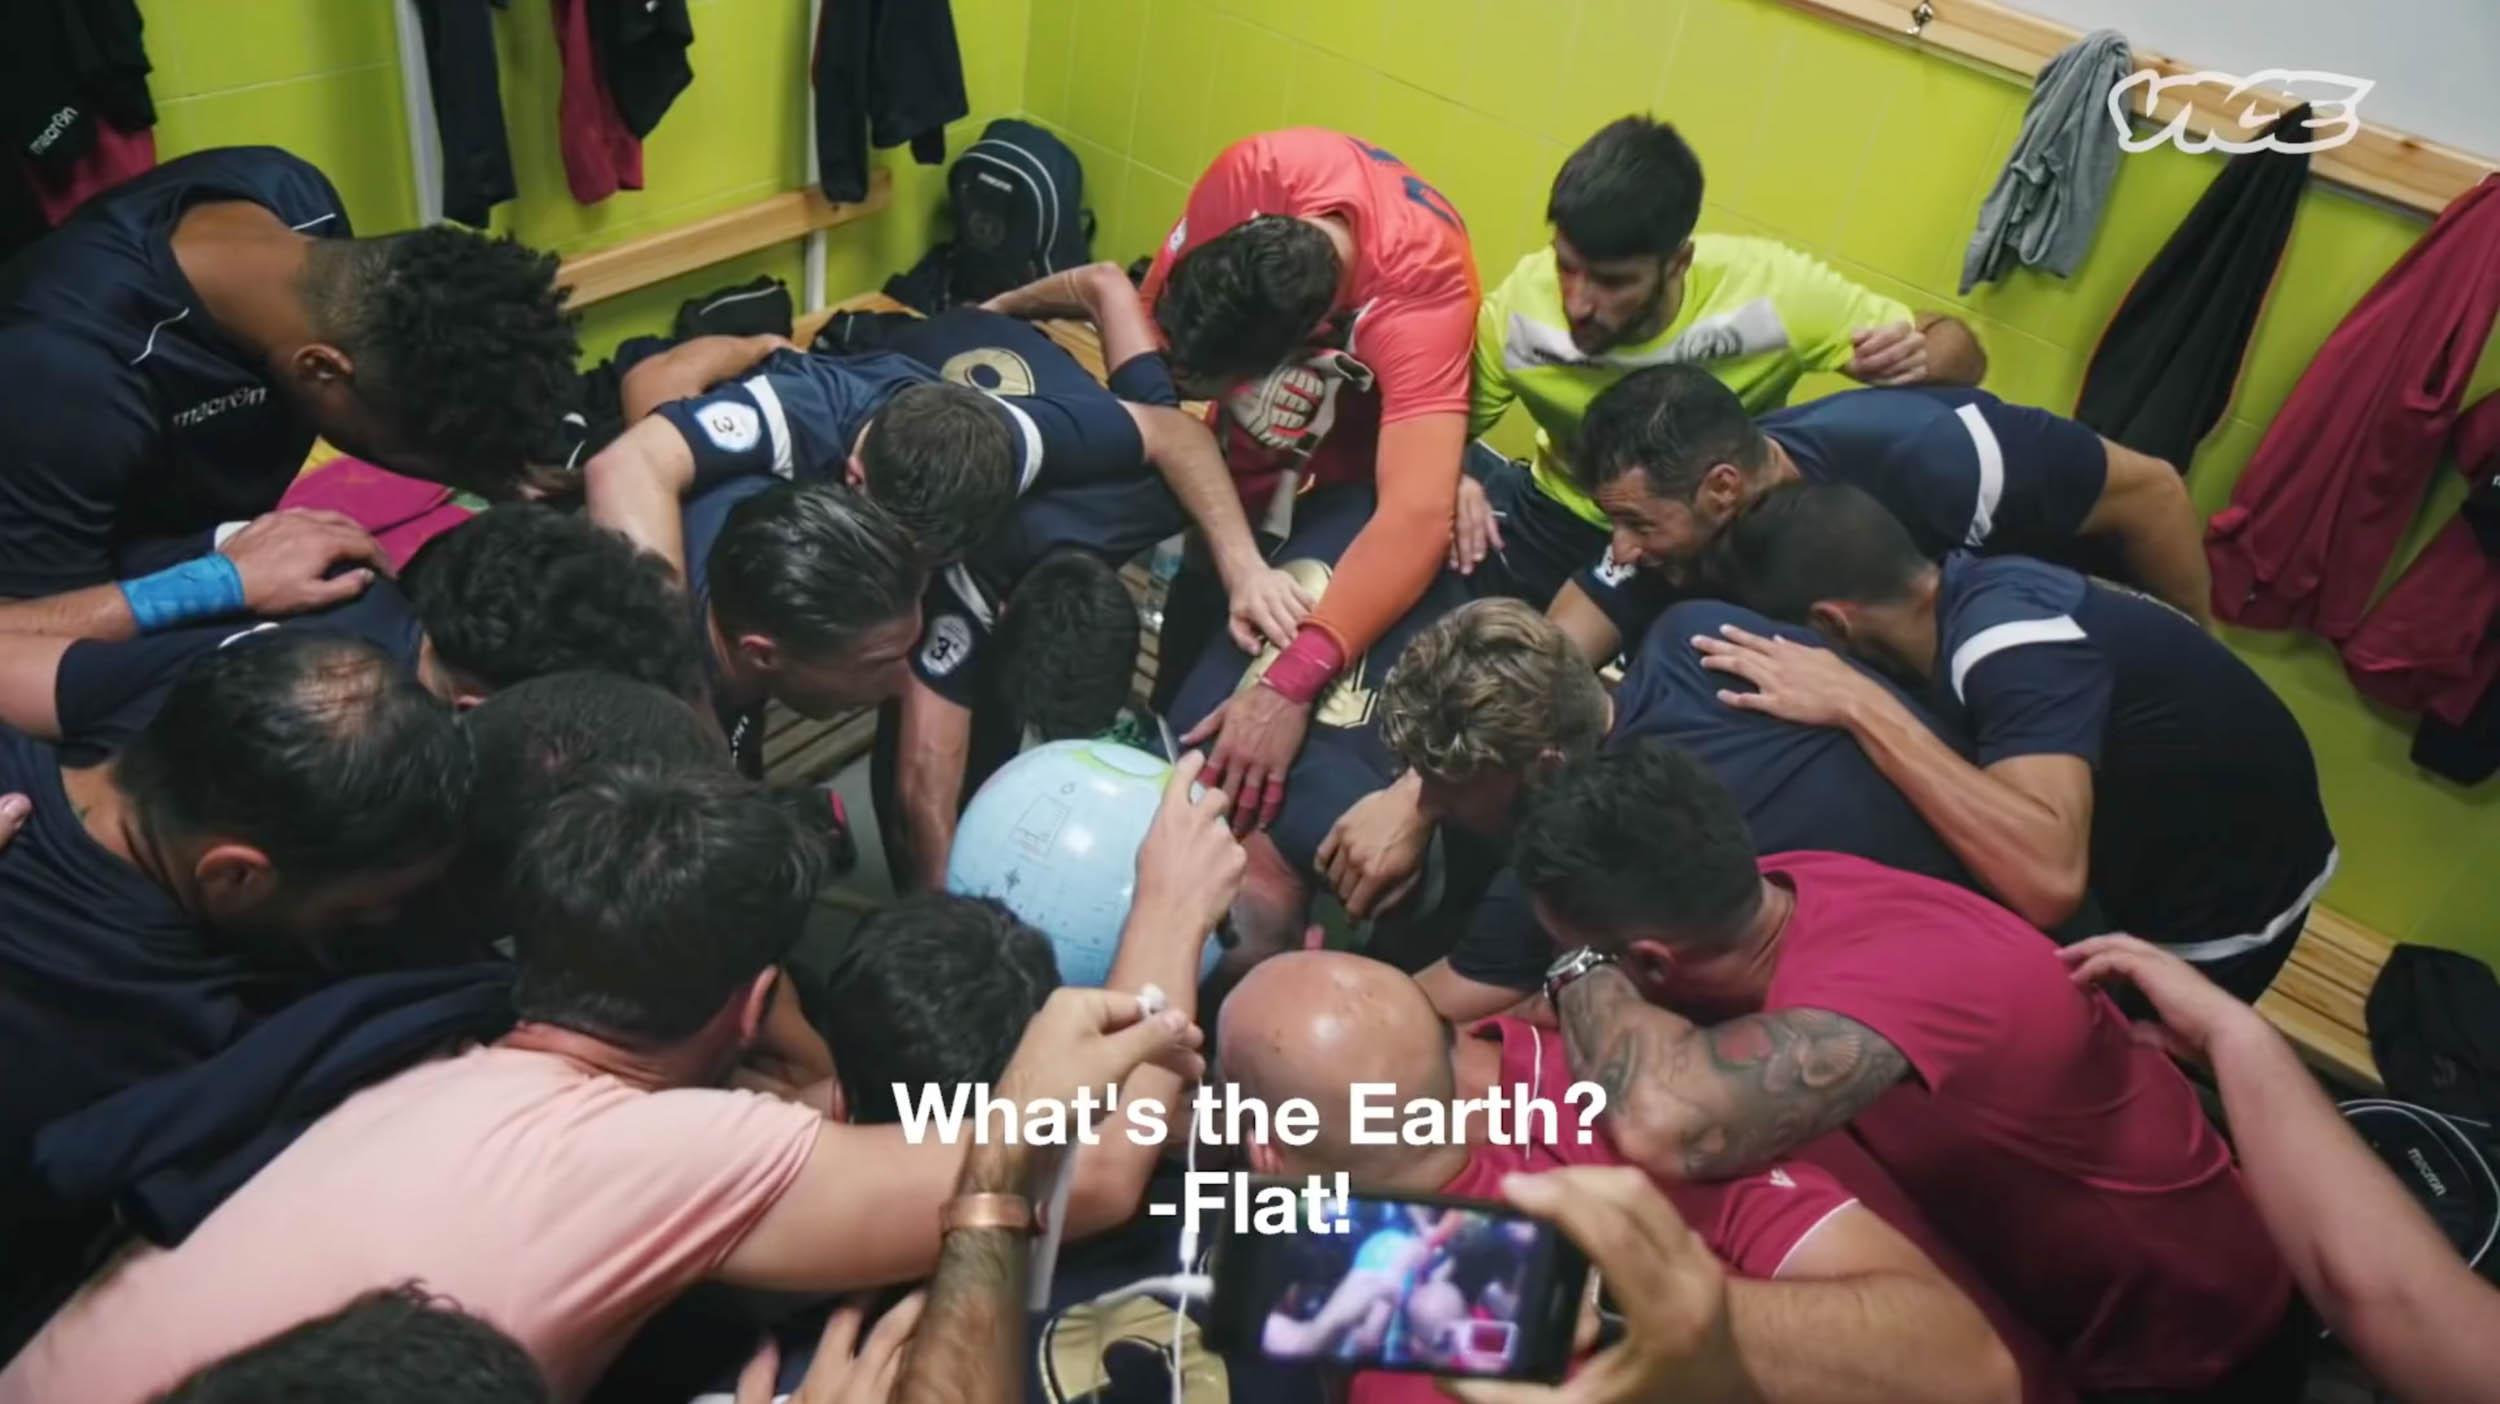 FLAT-EARTH-STILL-23.49.59